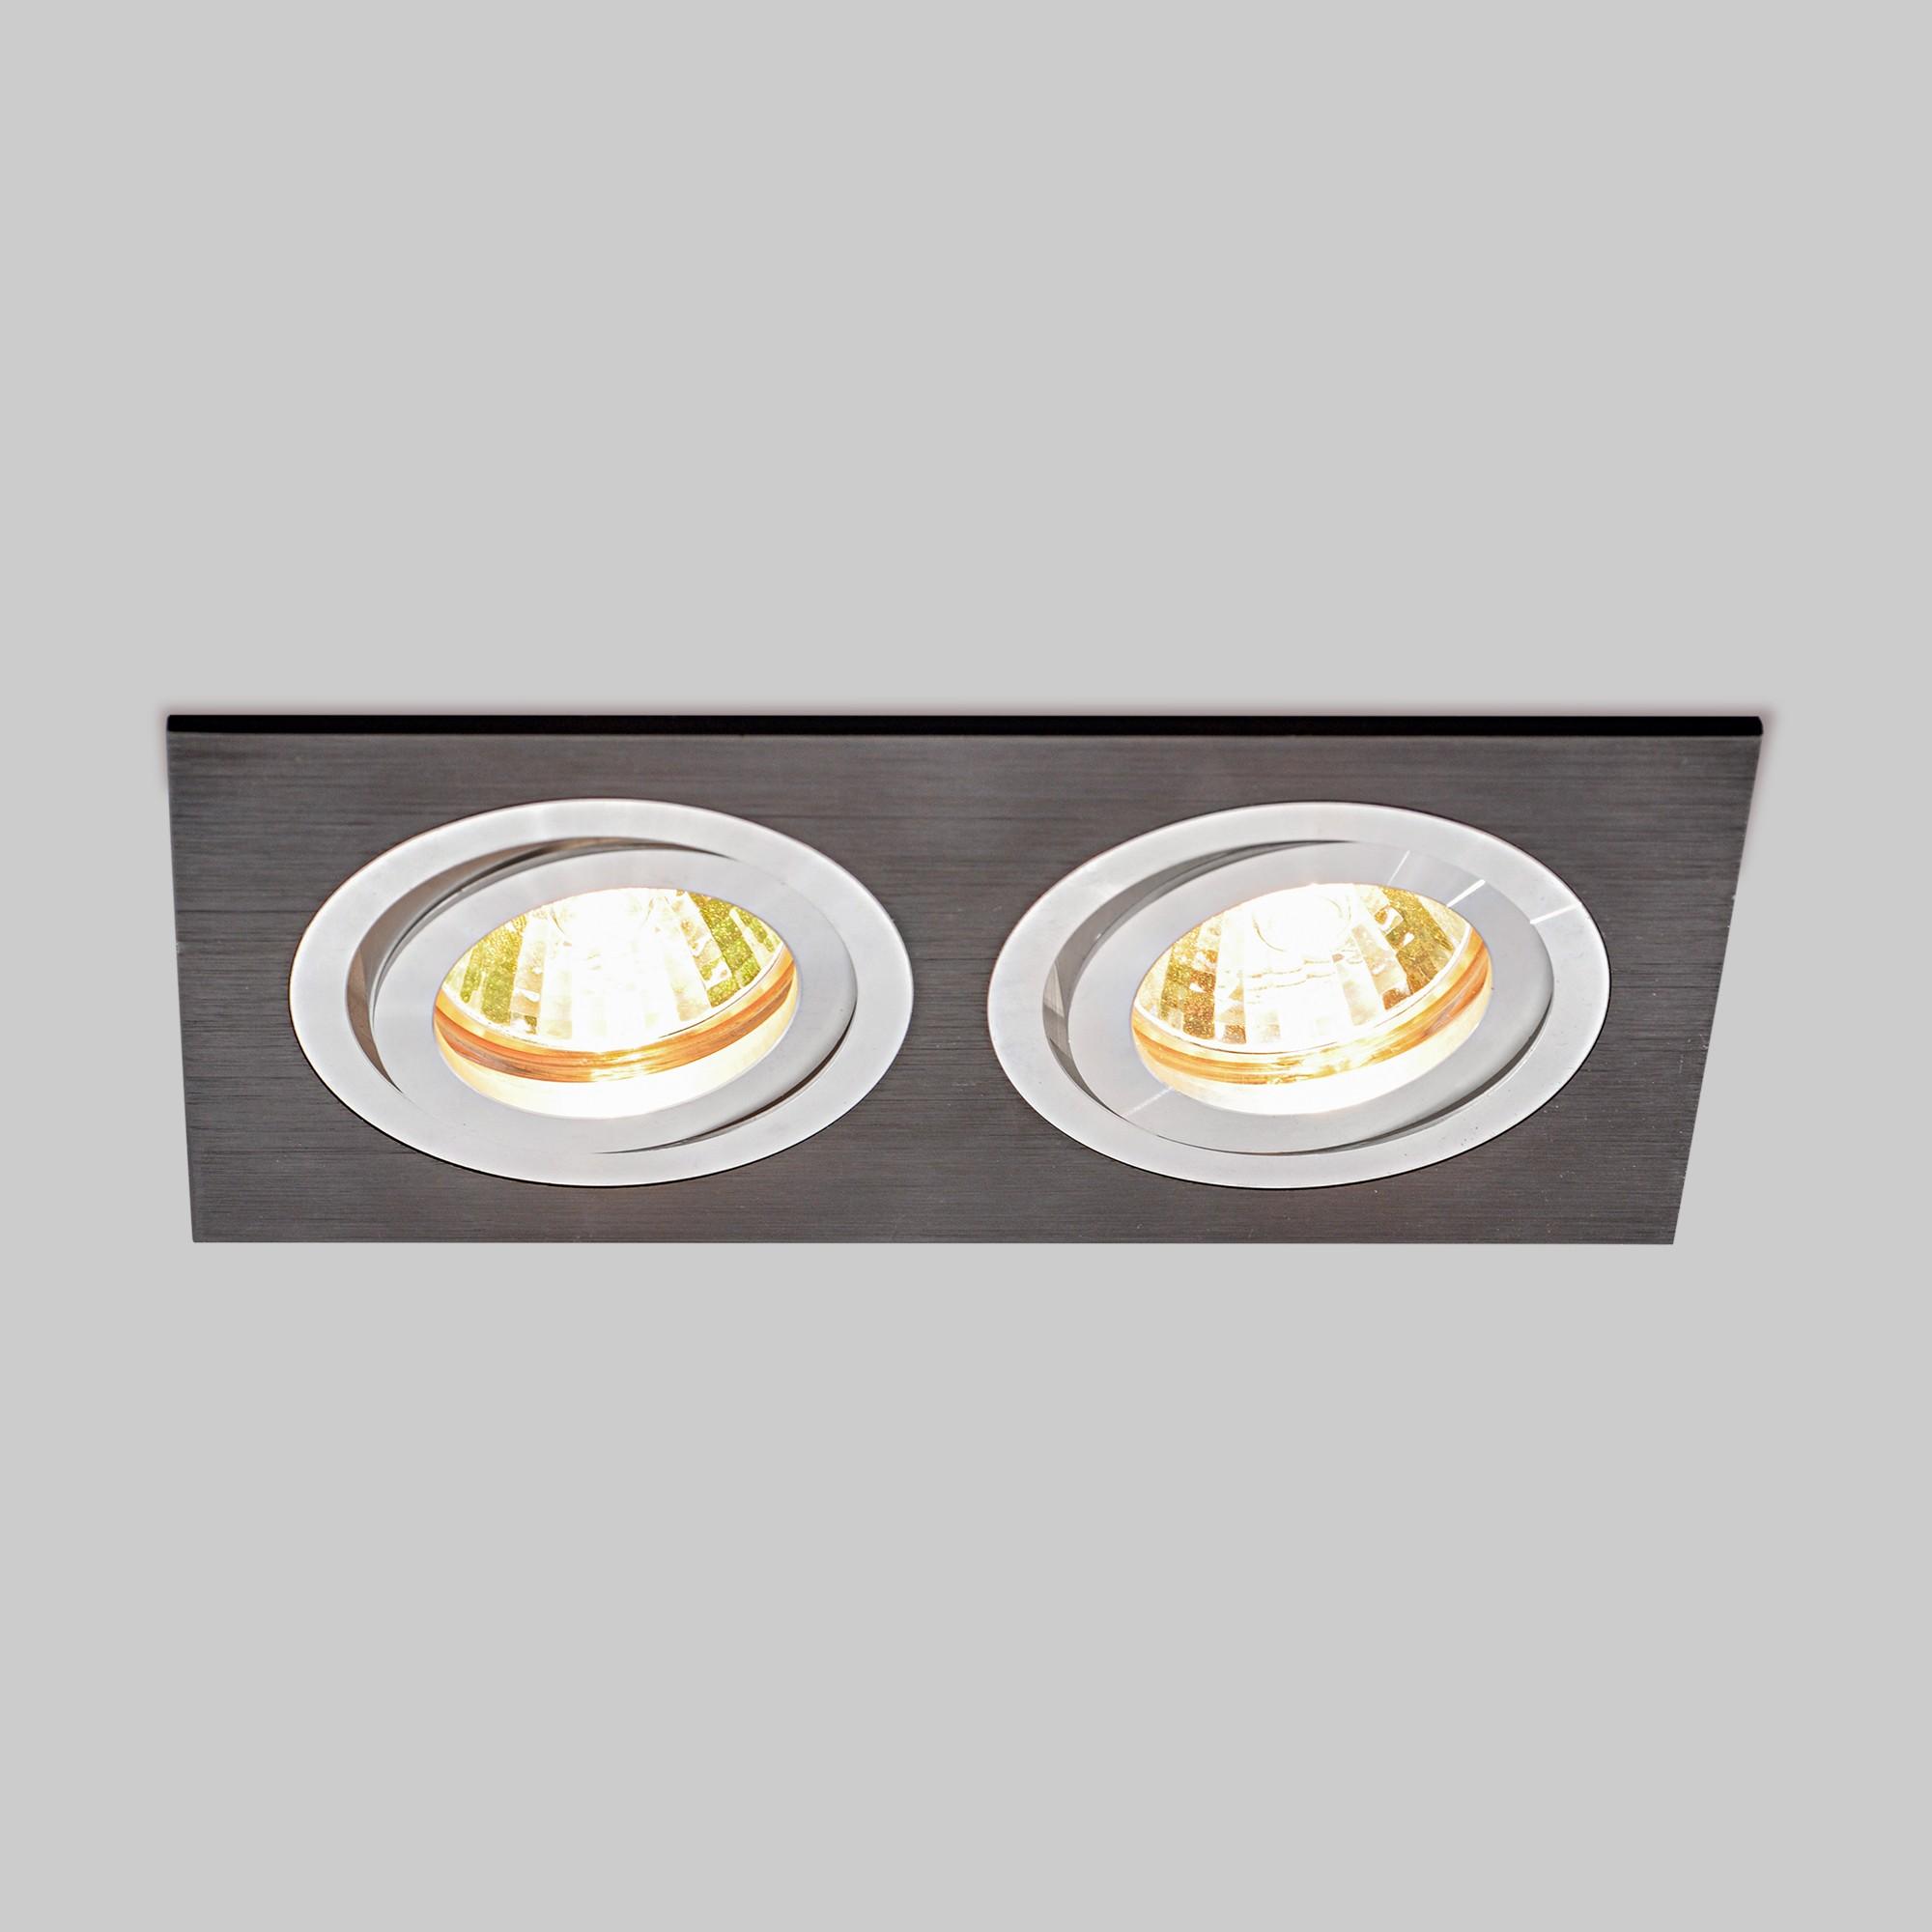 Фото Встраиваемый светильник Elektrostandard 1051 a035242